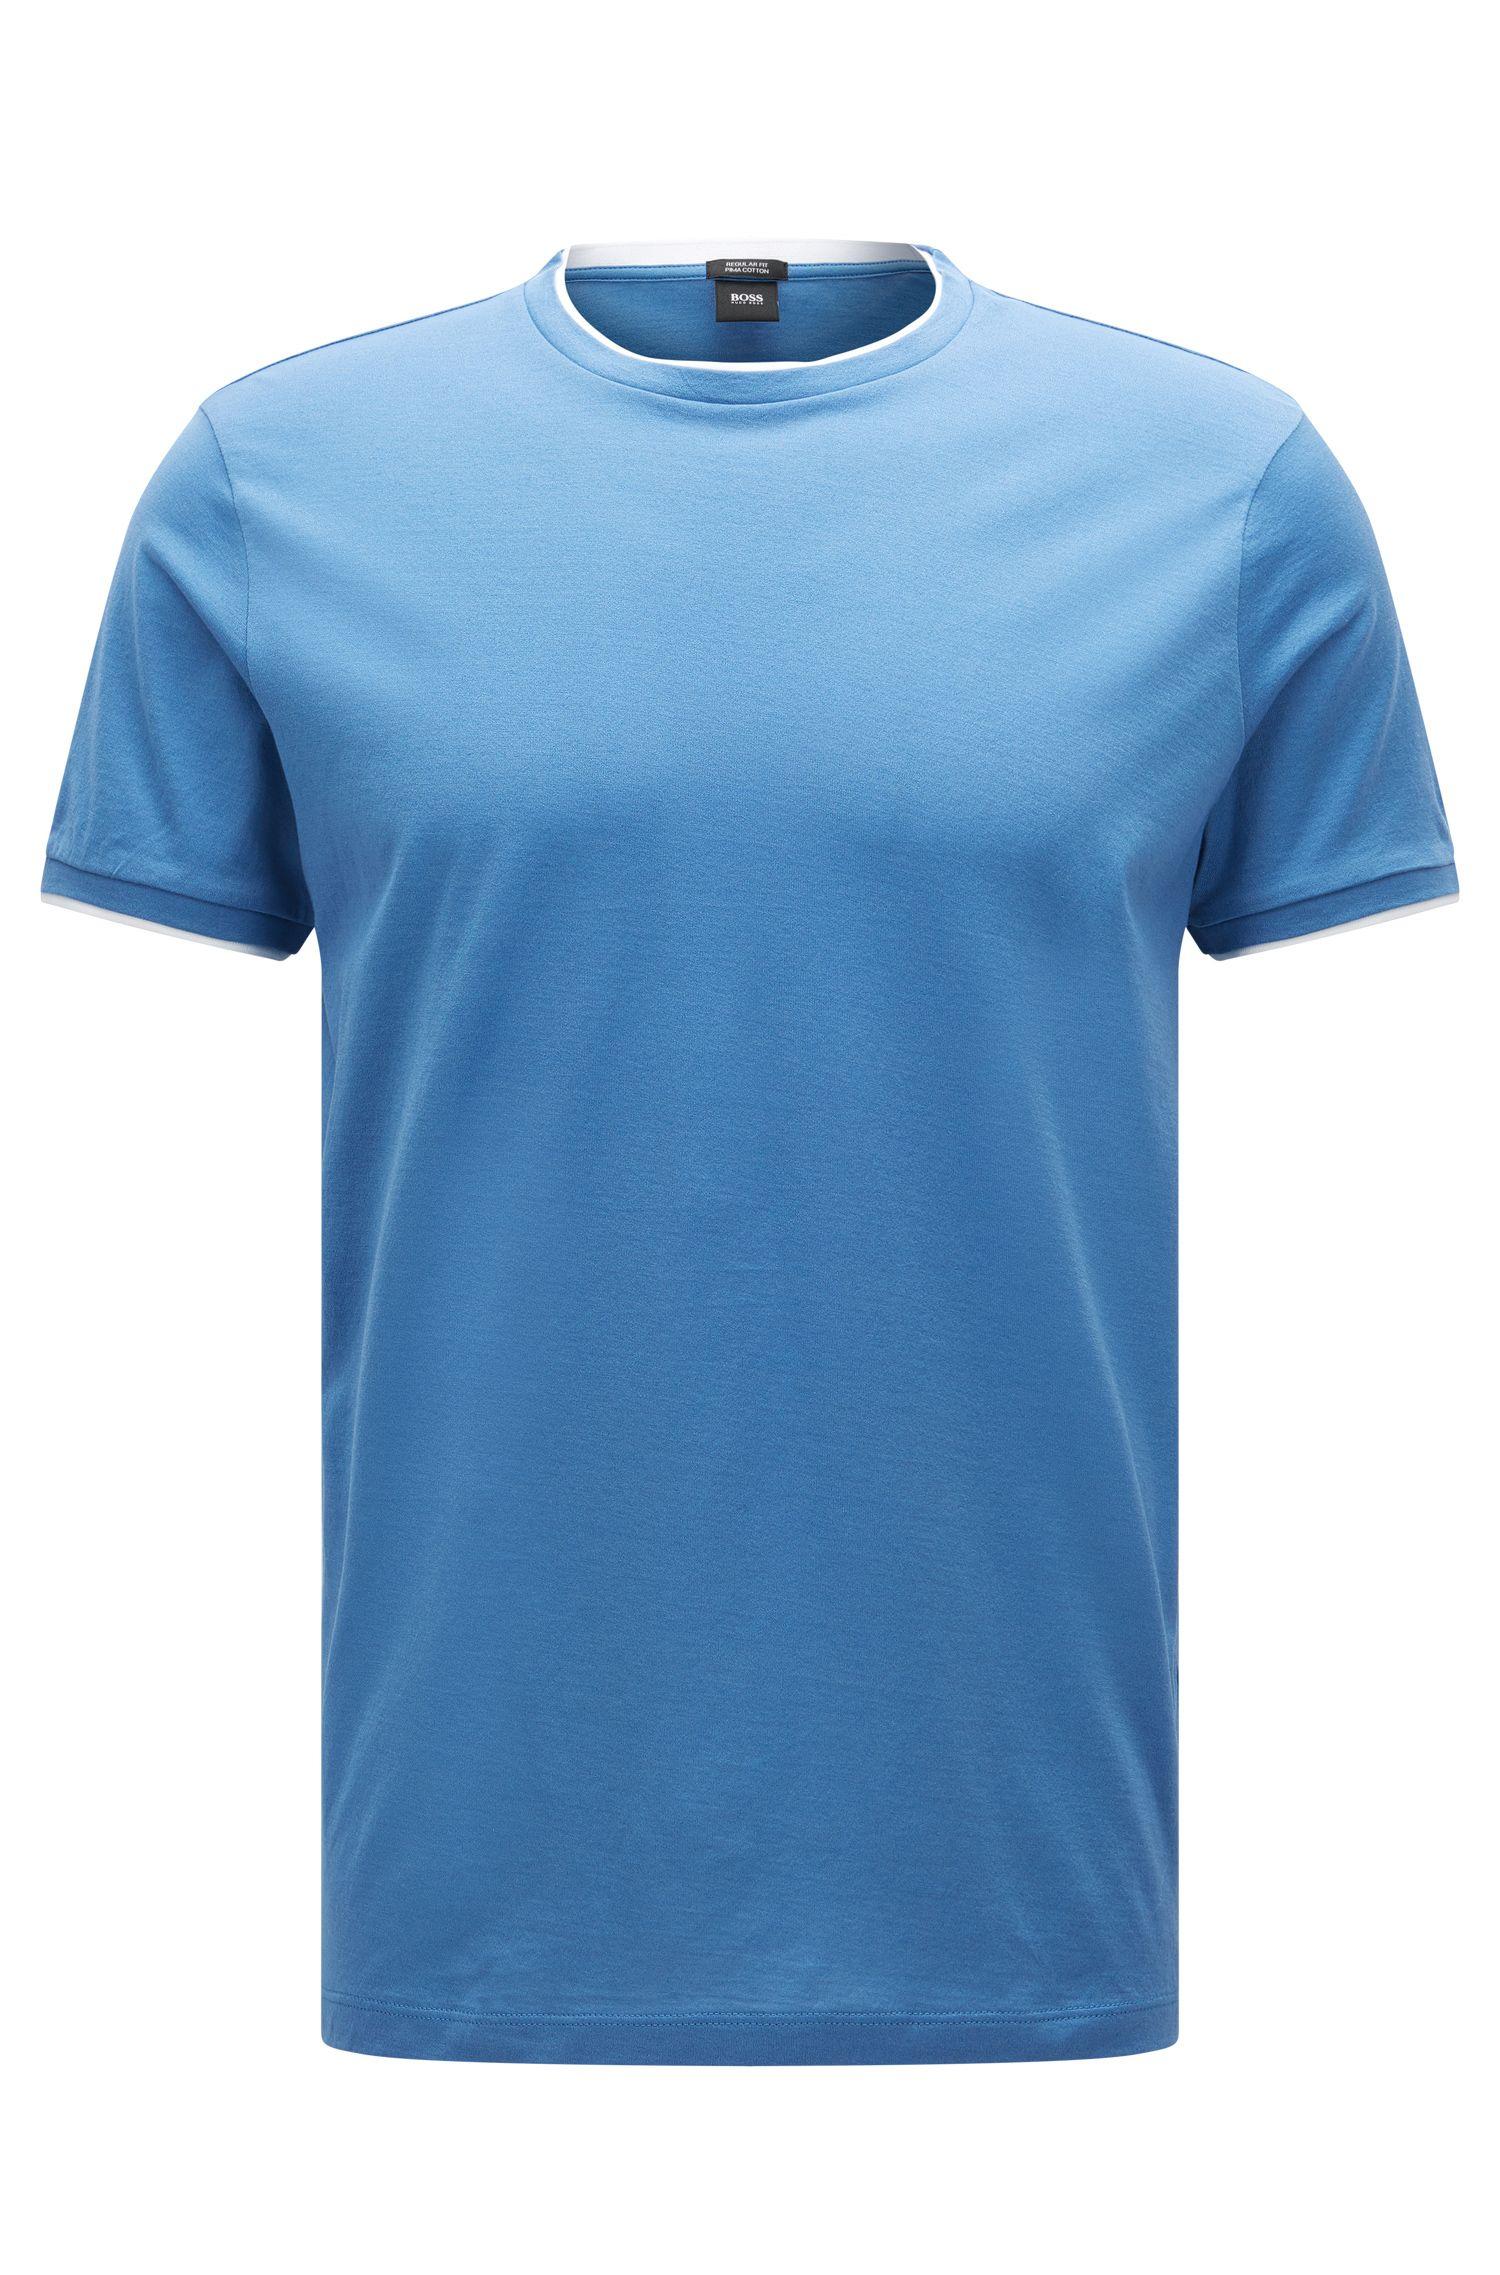 Relaxed-Fit T-Shirt aus Pima-Baumwolle im Lagen-Look